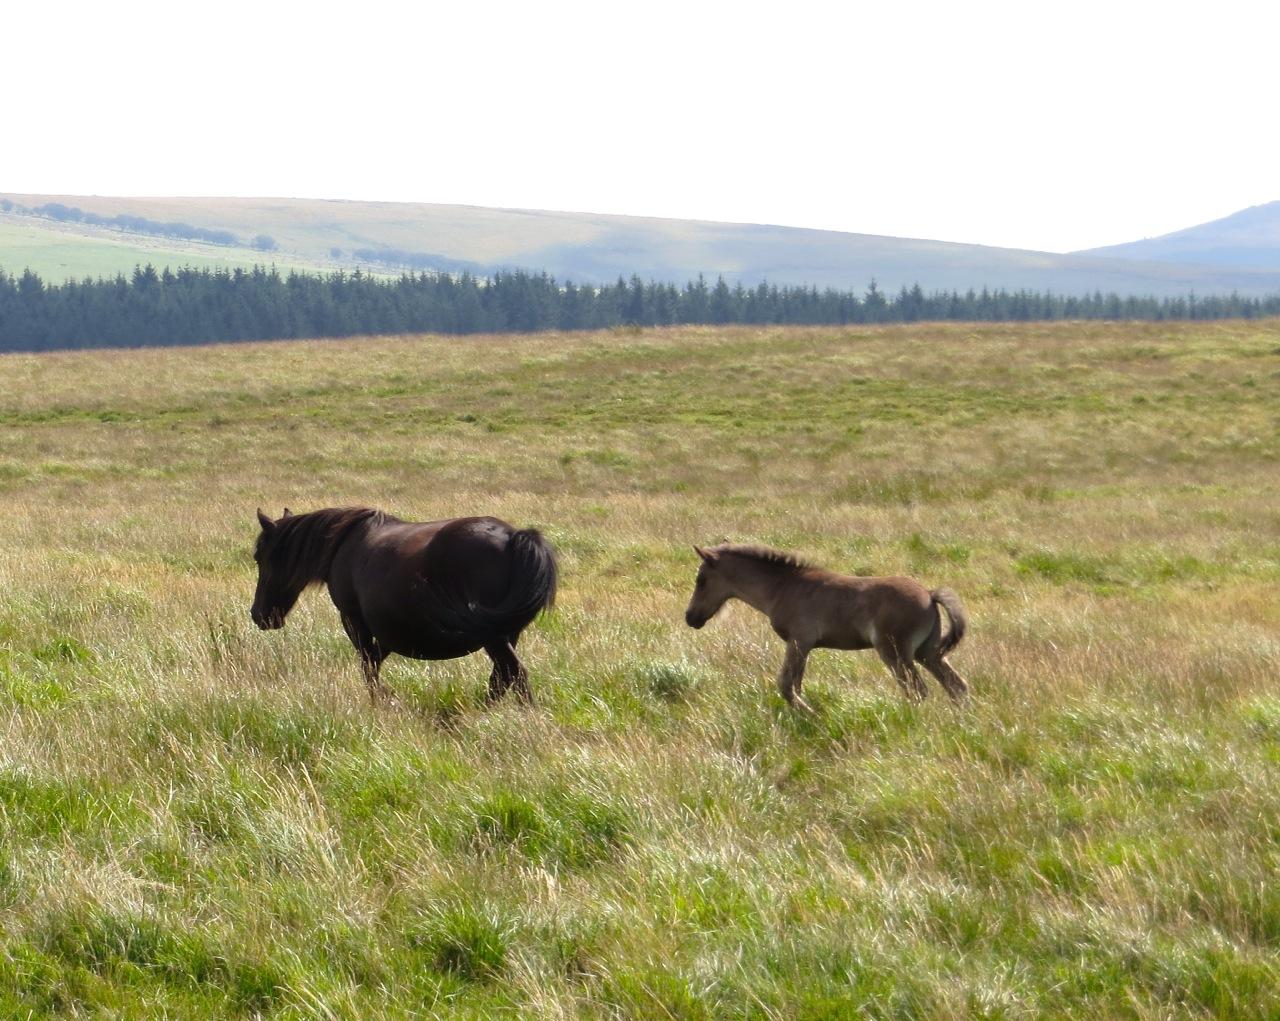 DARTMOOR PONIES & FOALS | ROLLING HARBOUR GALLERY: https://rollingharbourlife.wordpress.com/2013/09/17/dartmoor-ponies...